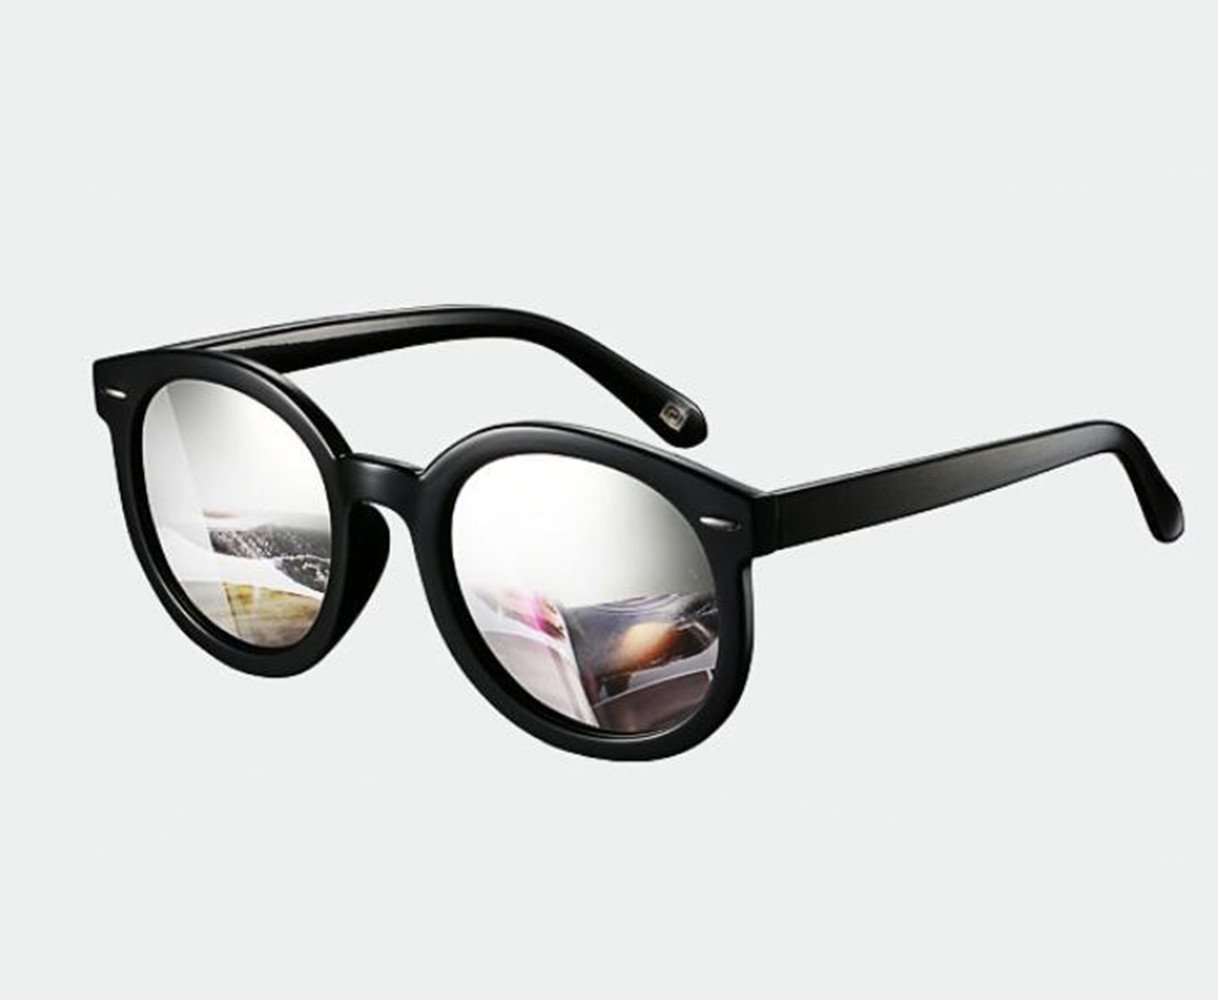 SHULING Sonnenbrille Kinder Sonnenbrillen Mode Polarisierte Sonnenbrillen